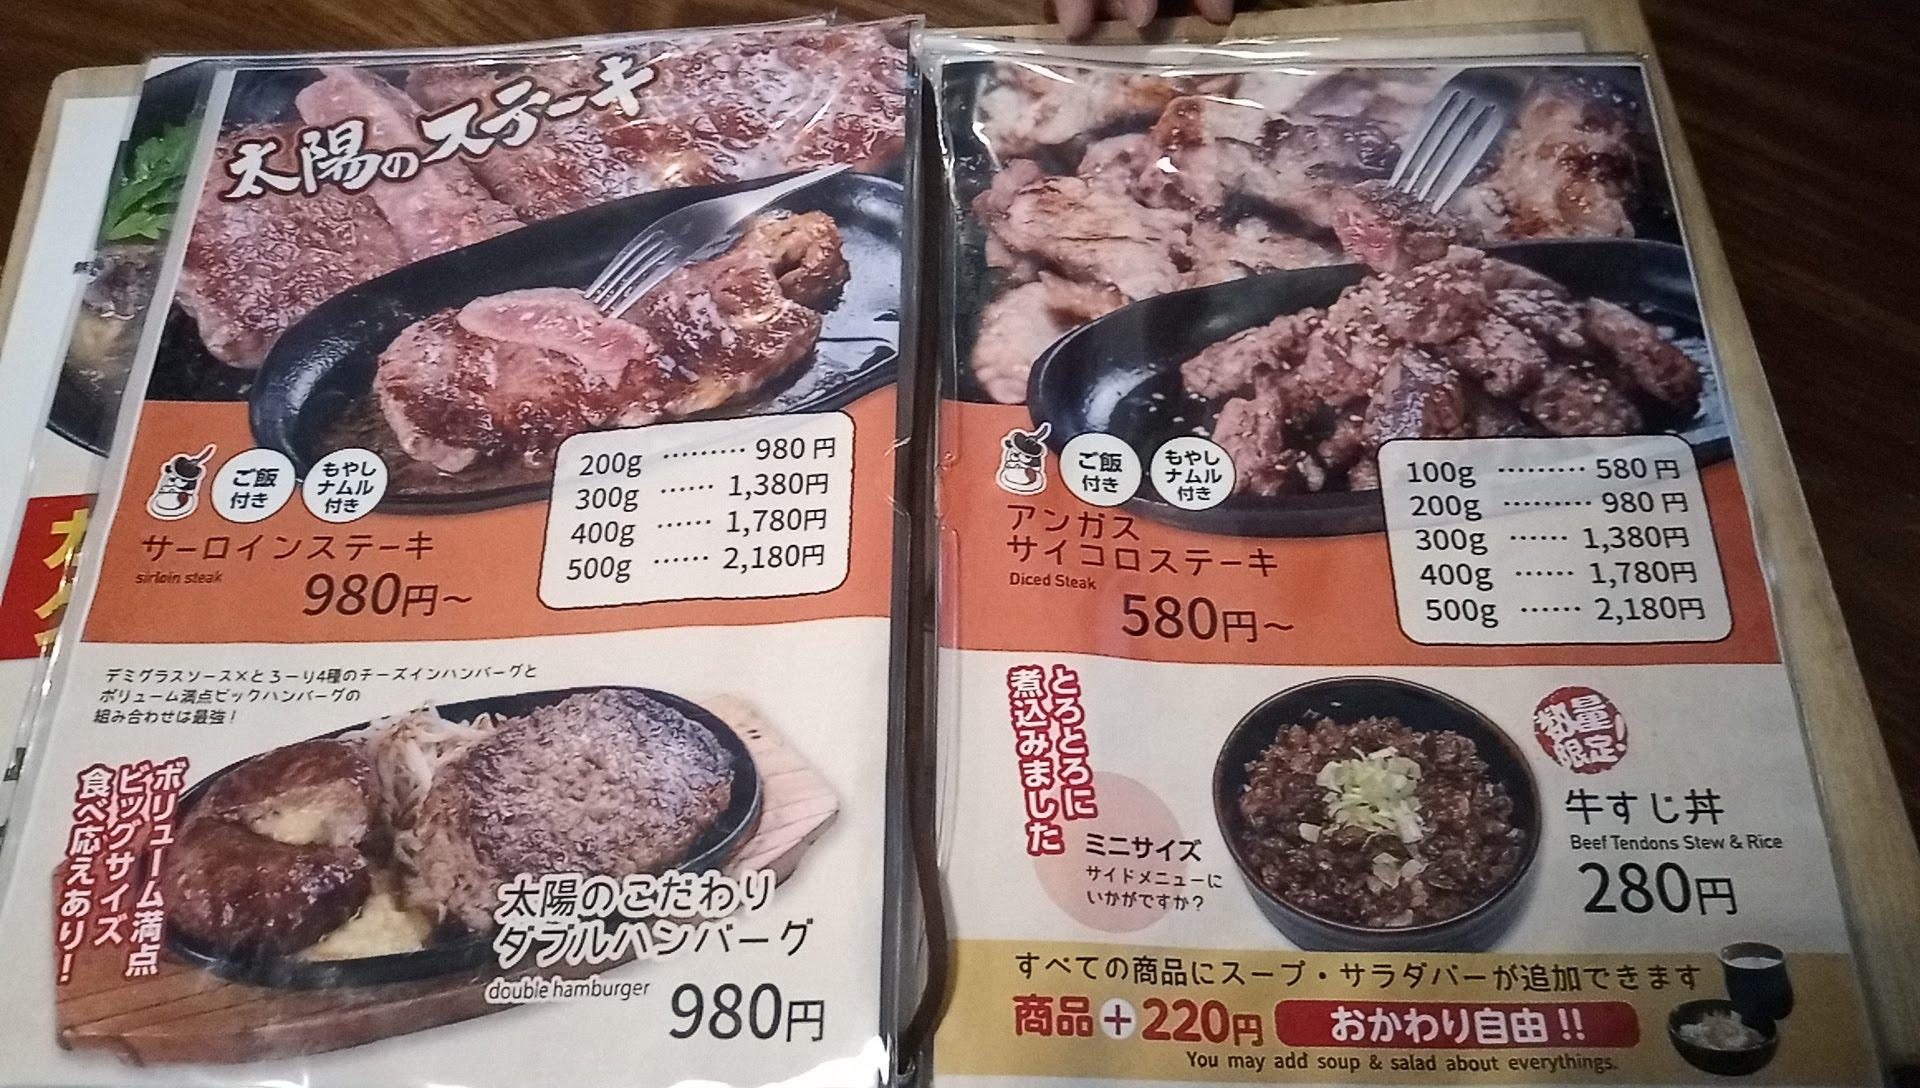 the menu of Goat and Soba Taiyo 3